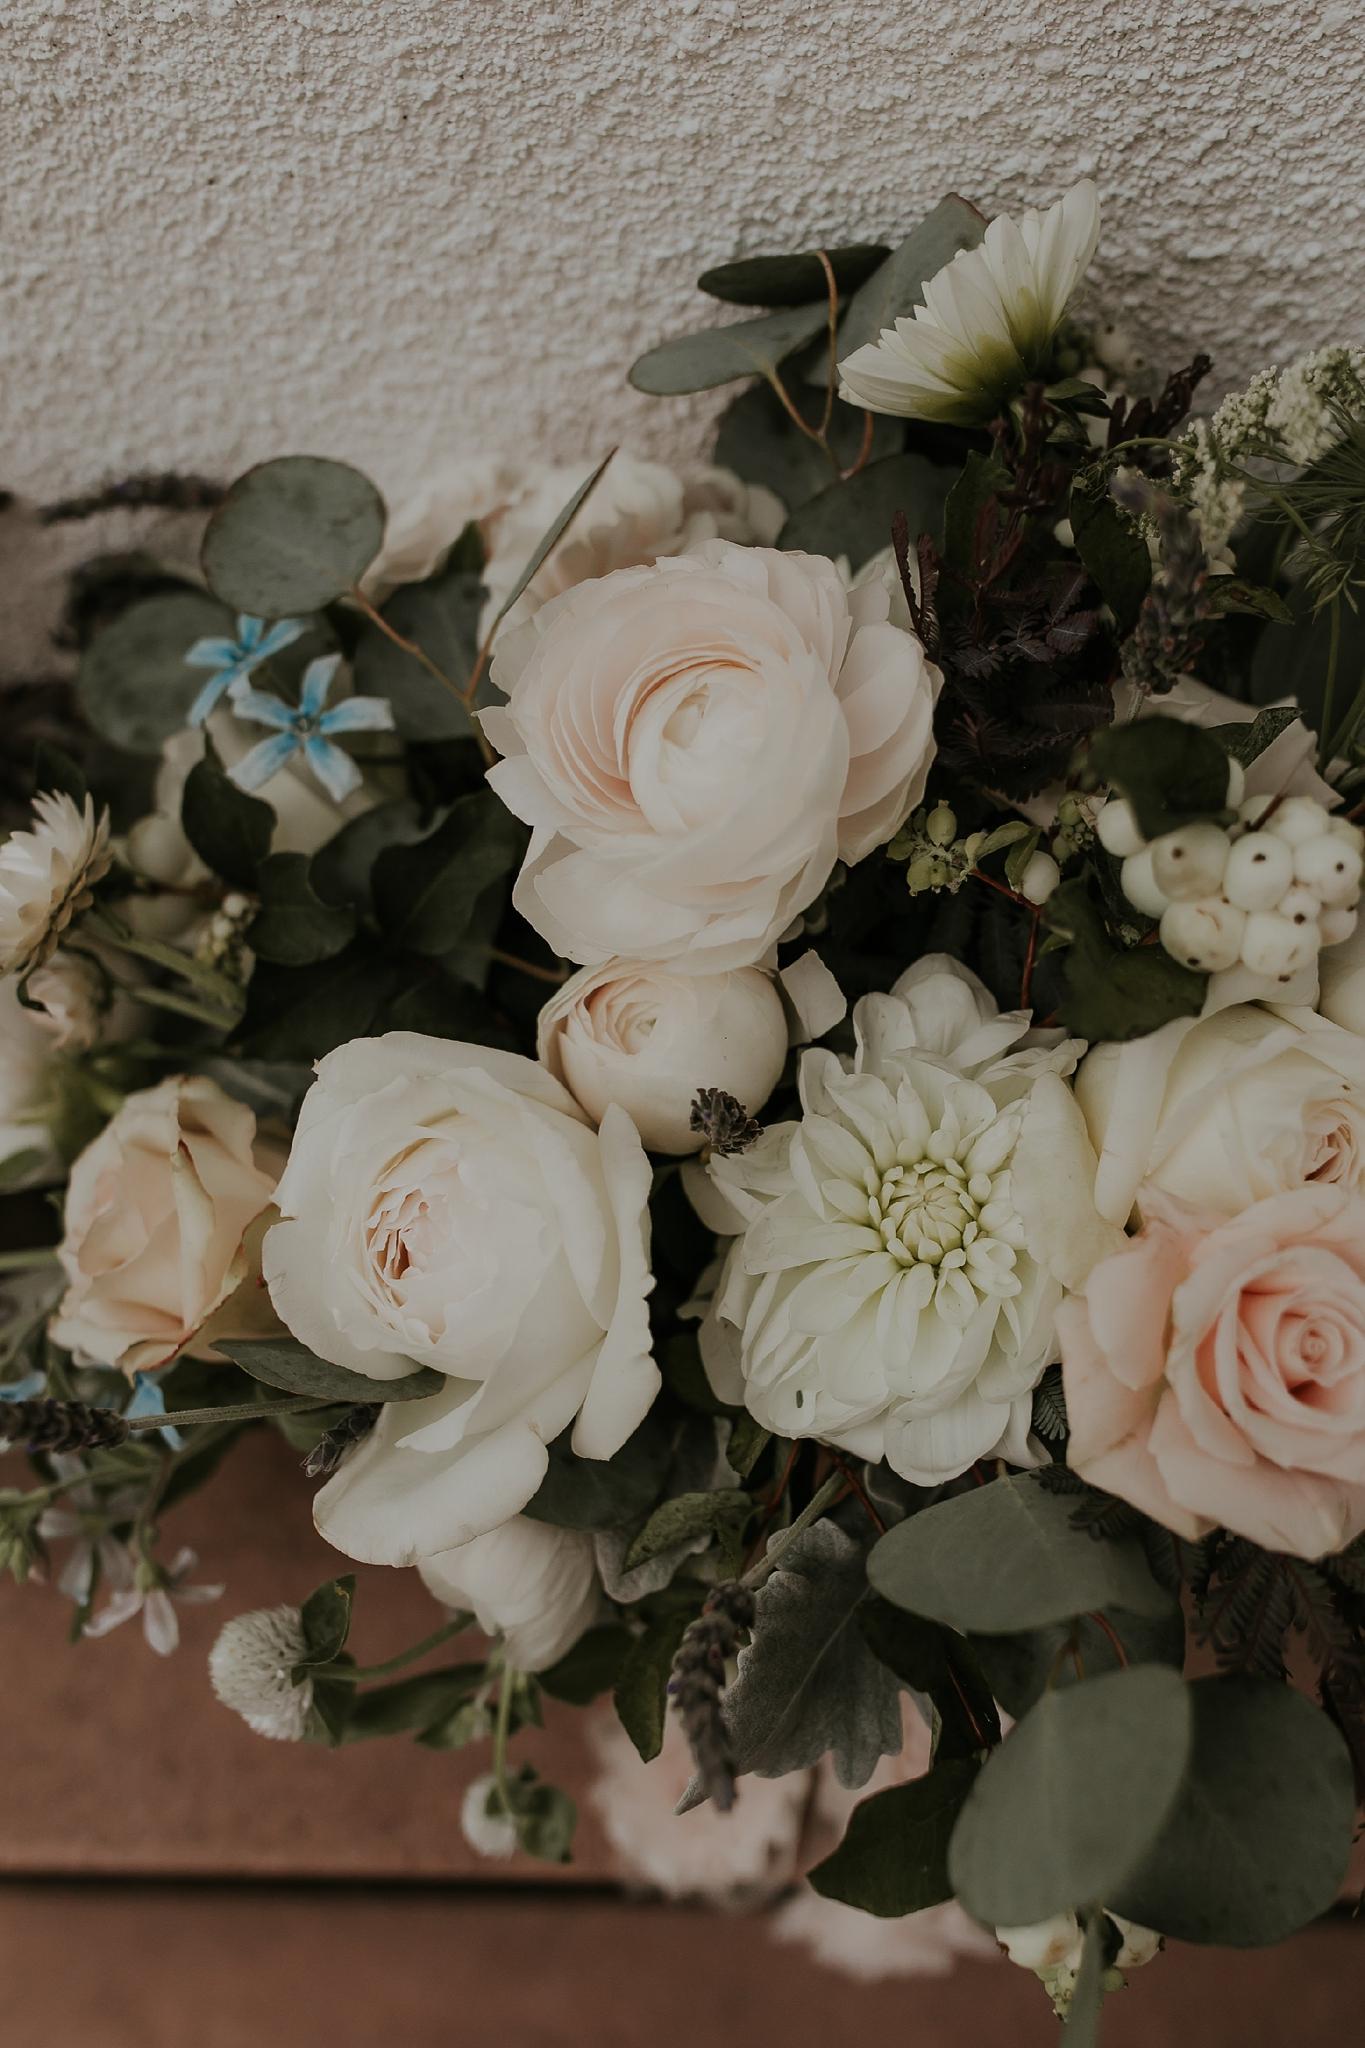 Alicia+lucia+photography+-+albuquerque+wedding+photographer+-+santa+fe+wedding+photography+-+new+mexico+wedding+photographer+-+new+mexico+florist+-+wedding+florist+-+renegade+floral_0073.jpg